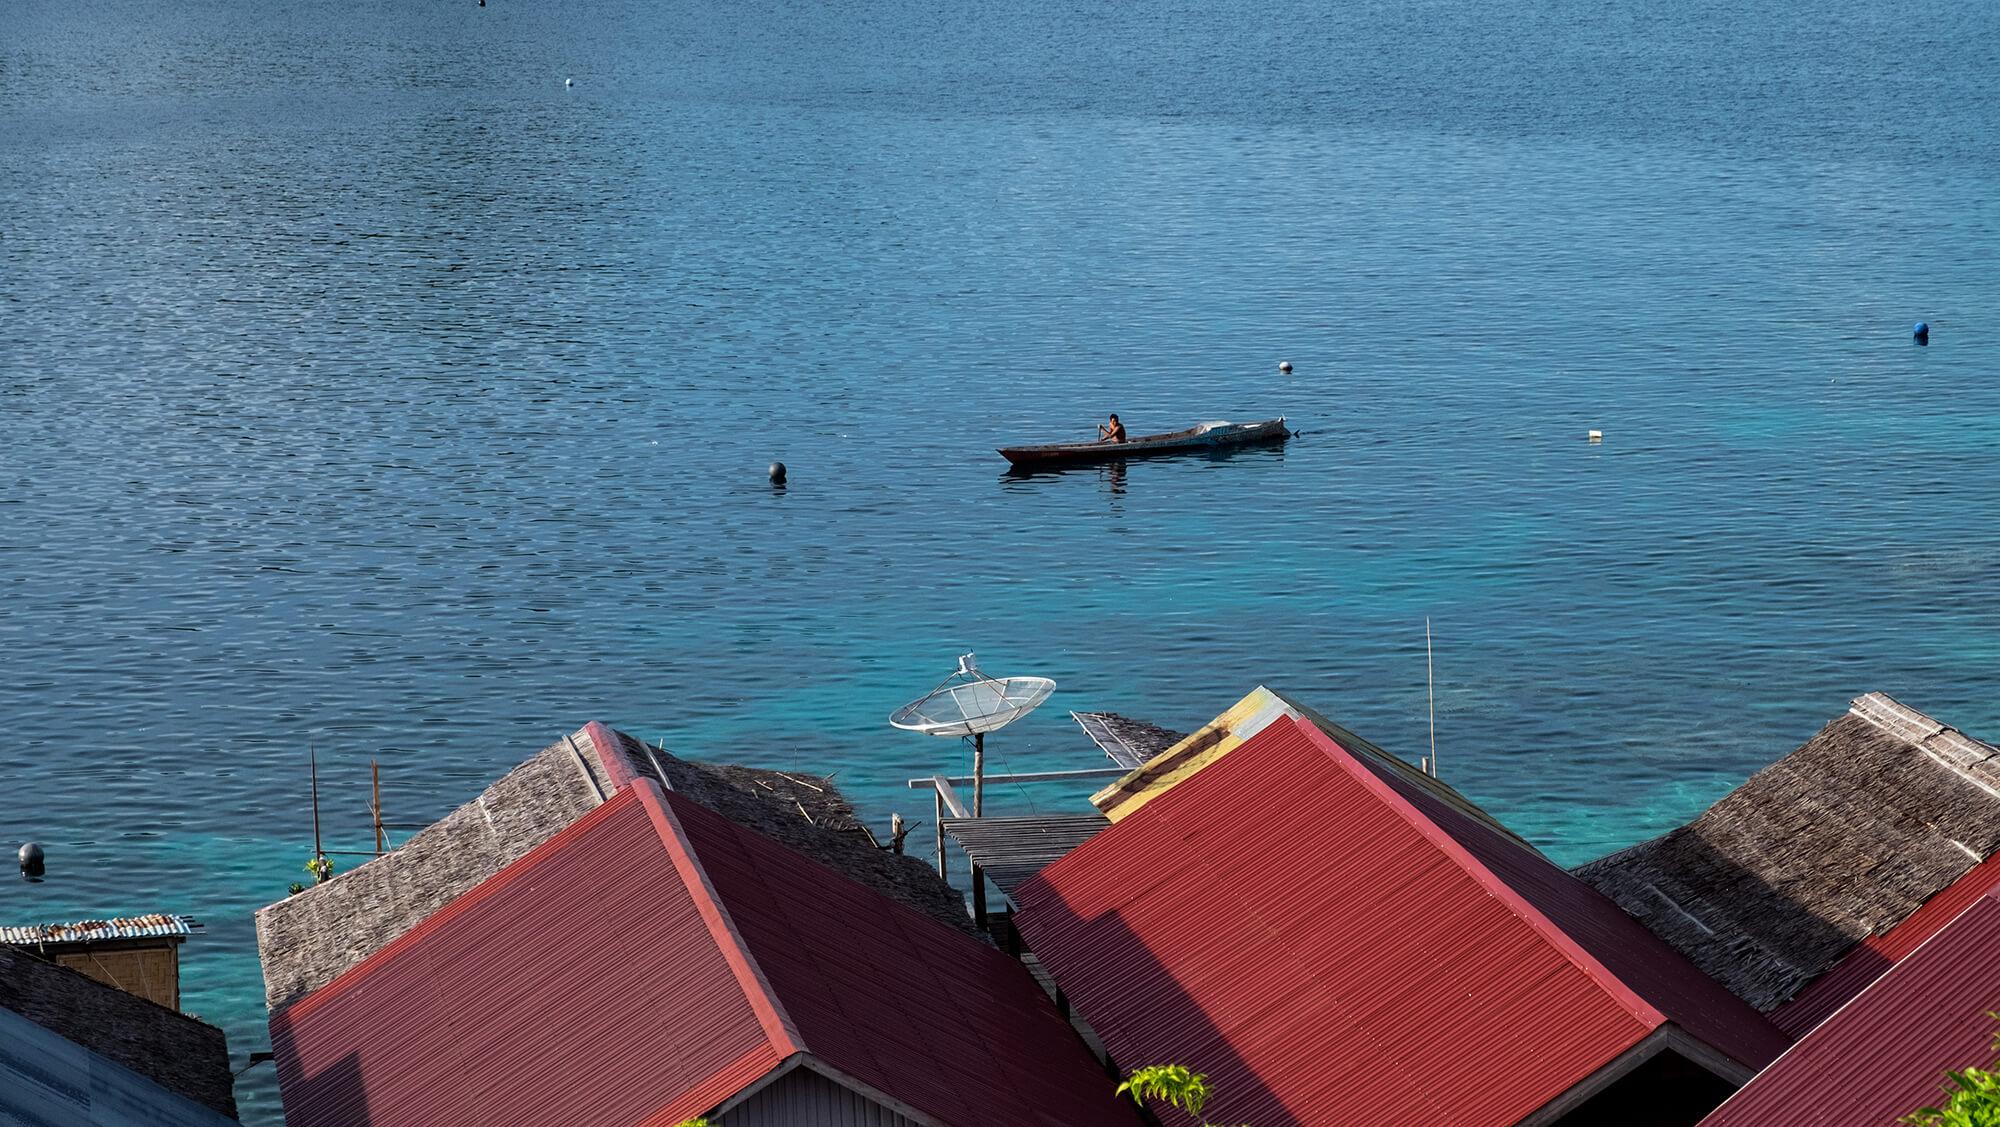 Pescador bajau en las aguas de las islas Togean de Sulawesi